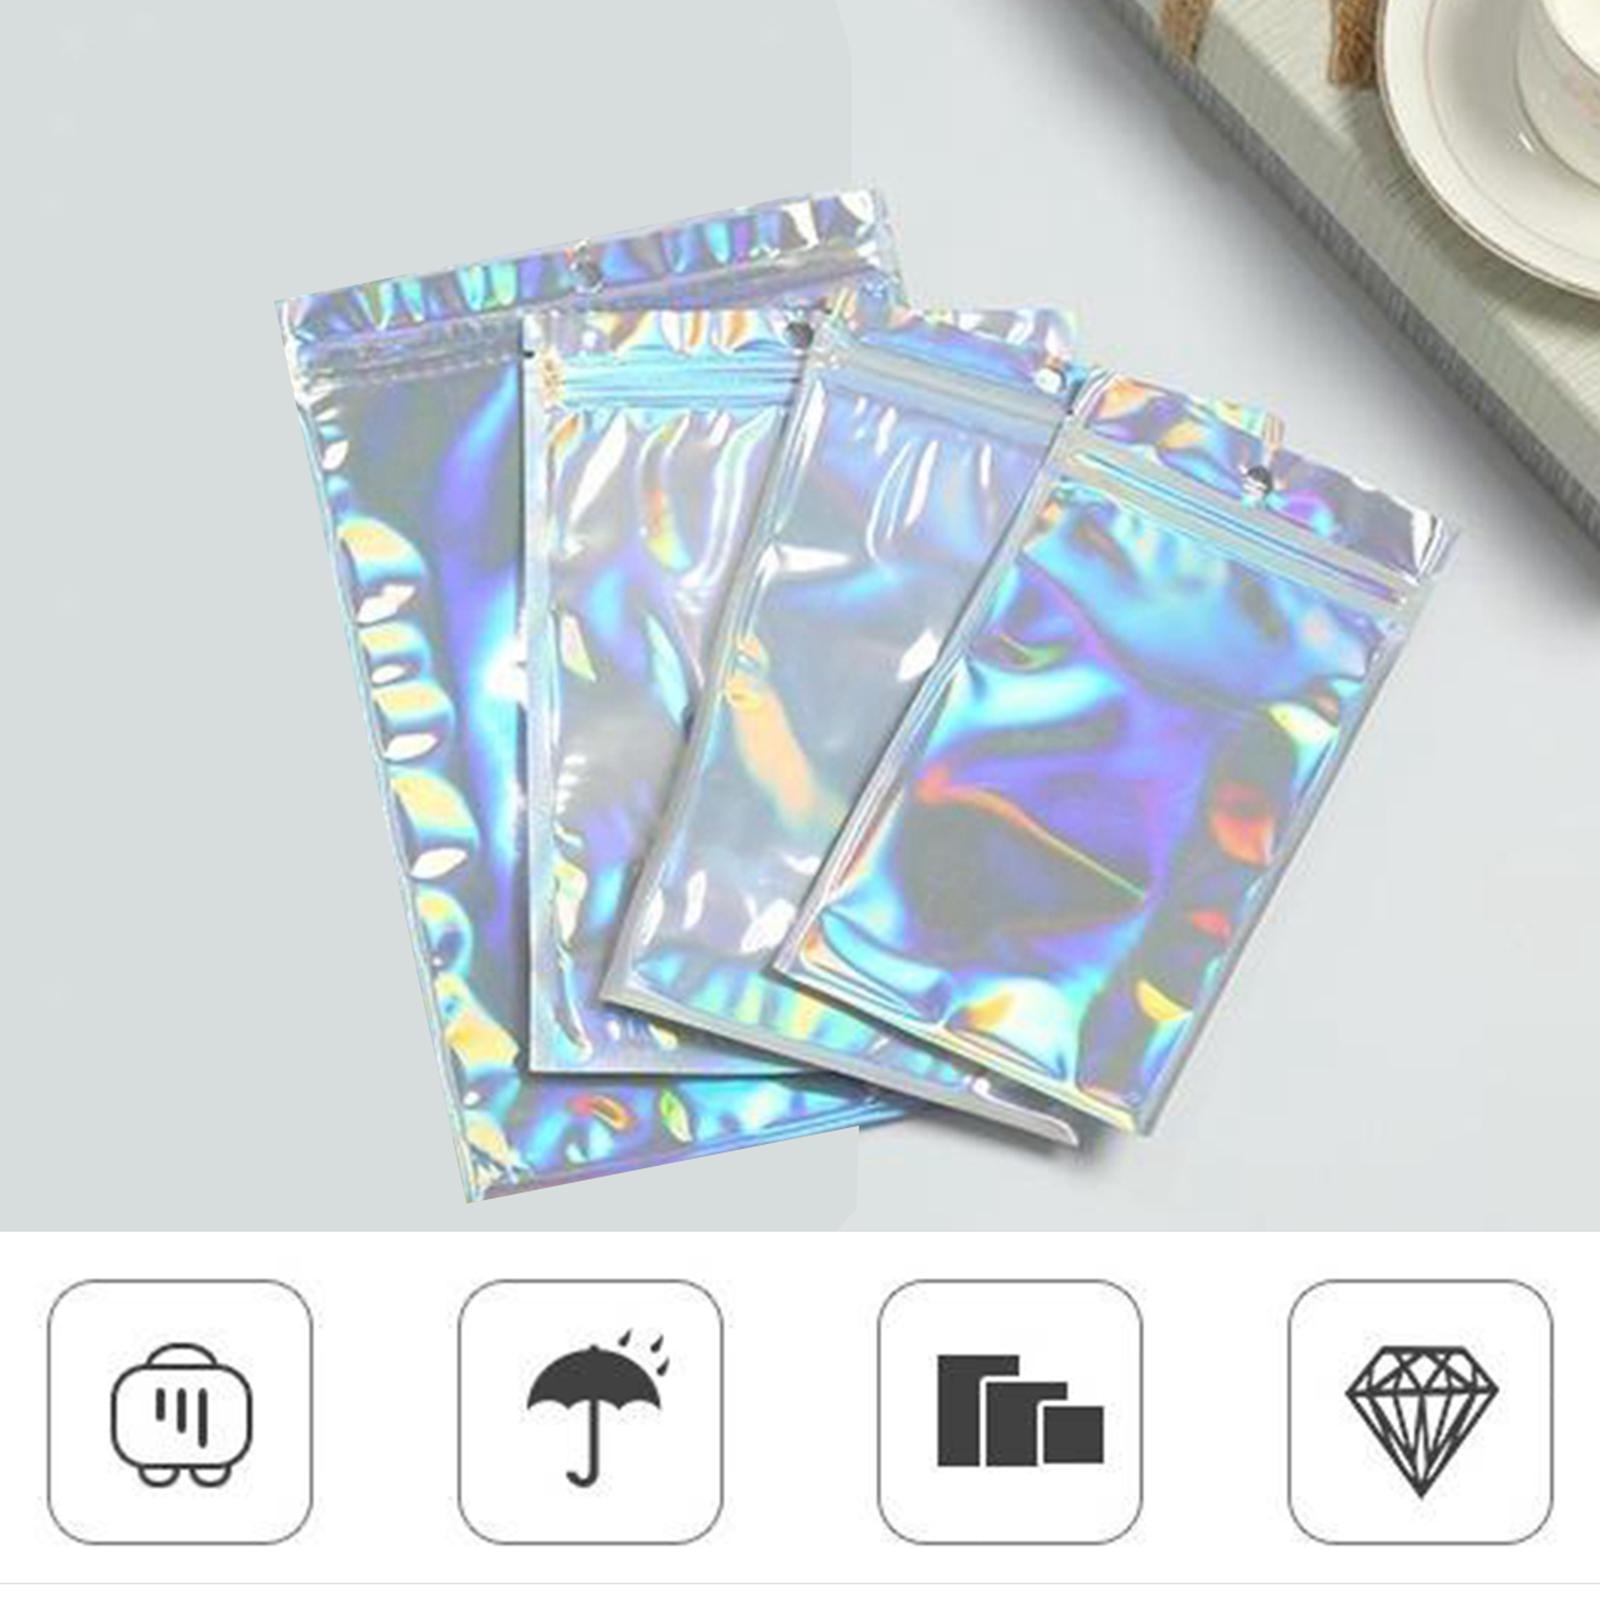 100-pezzi-sacchetti-di-pellicola-trasparente-sacchetto-sigillatura-richiudibile miniatura 4